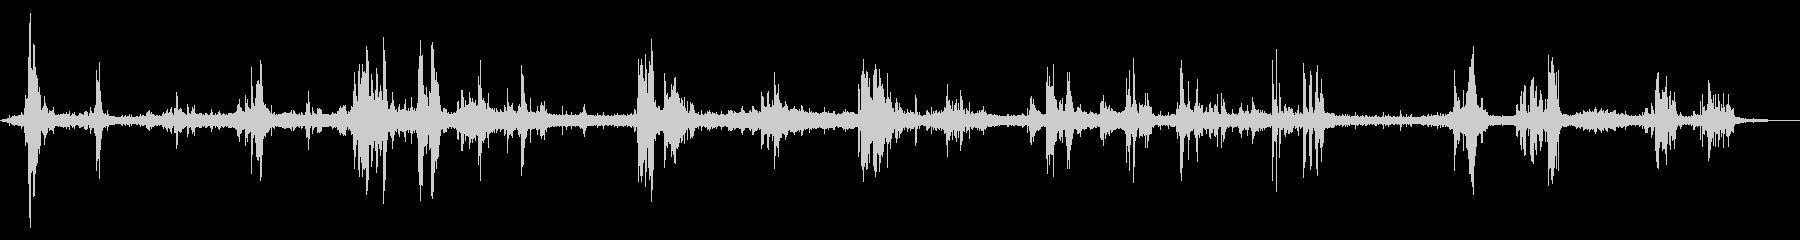 【自然音】雷鳴03#2(バイノーラル)の未再生の波形